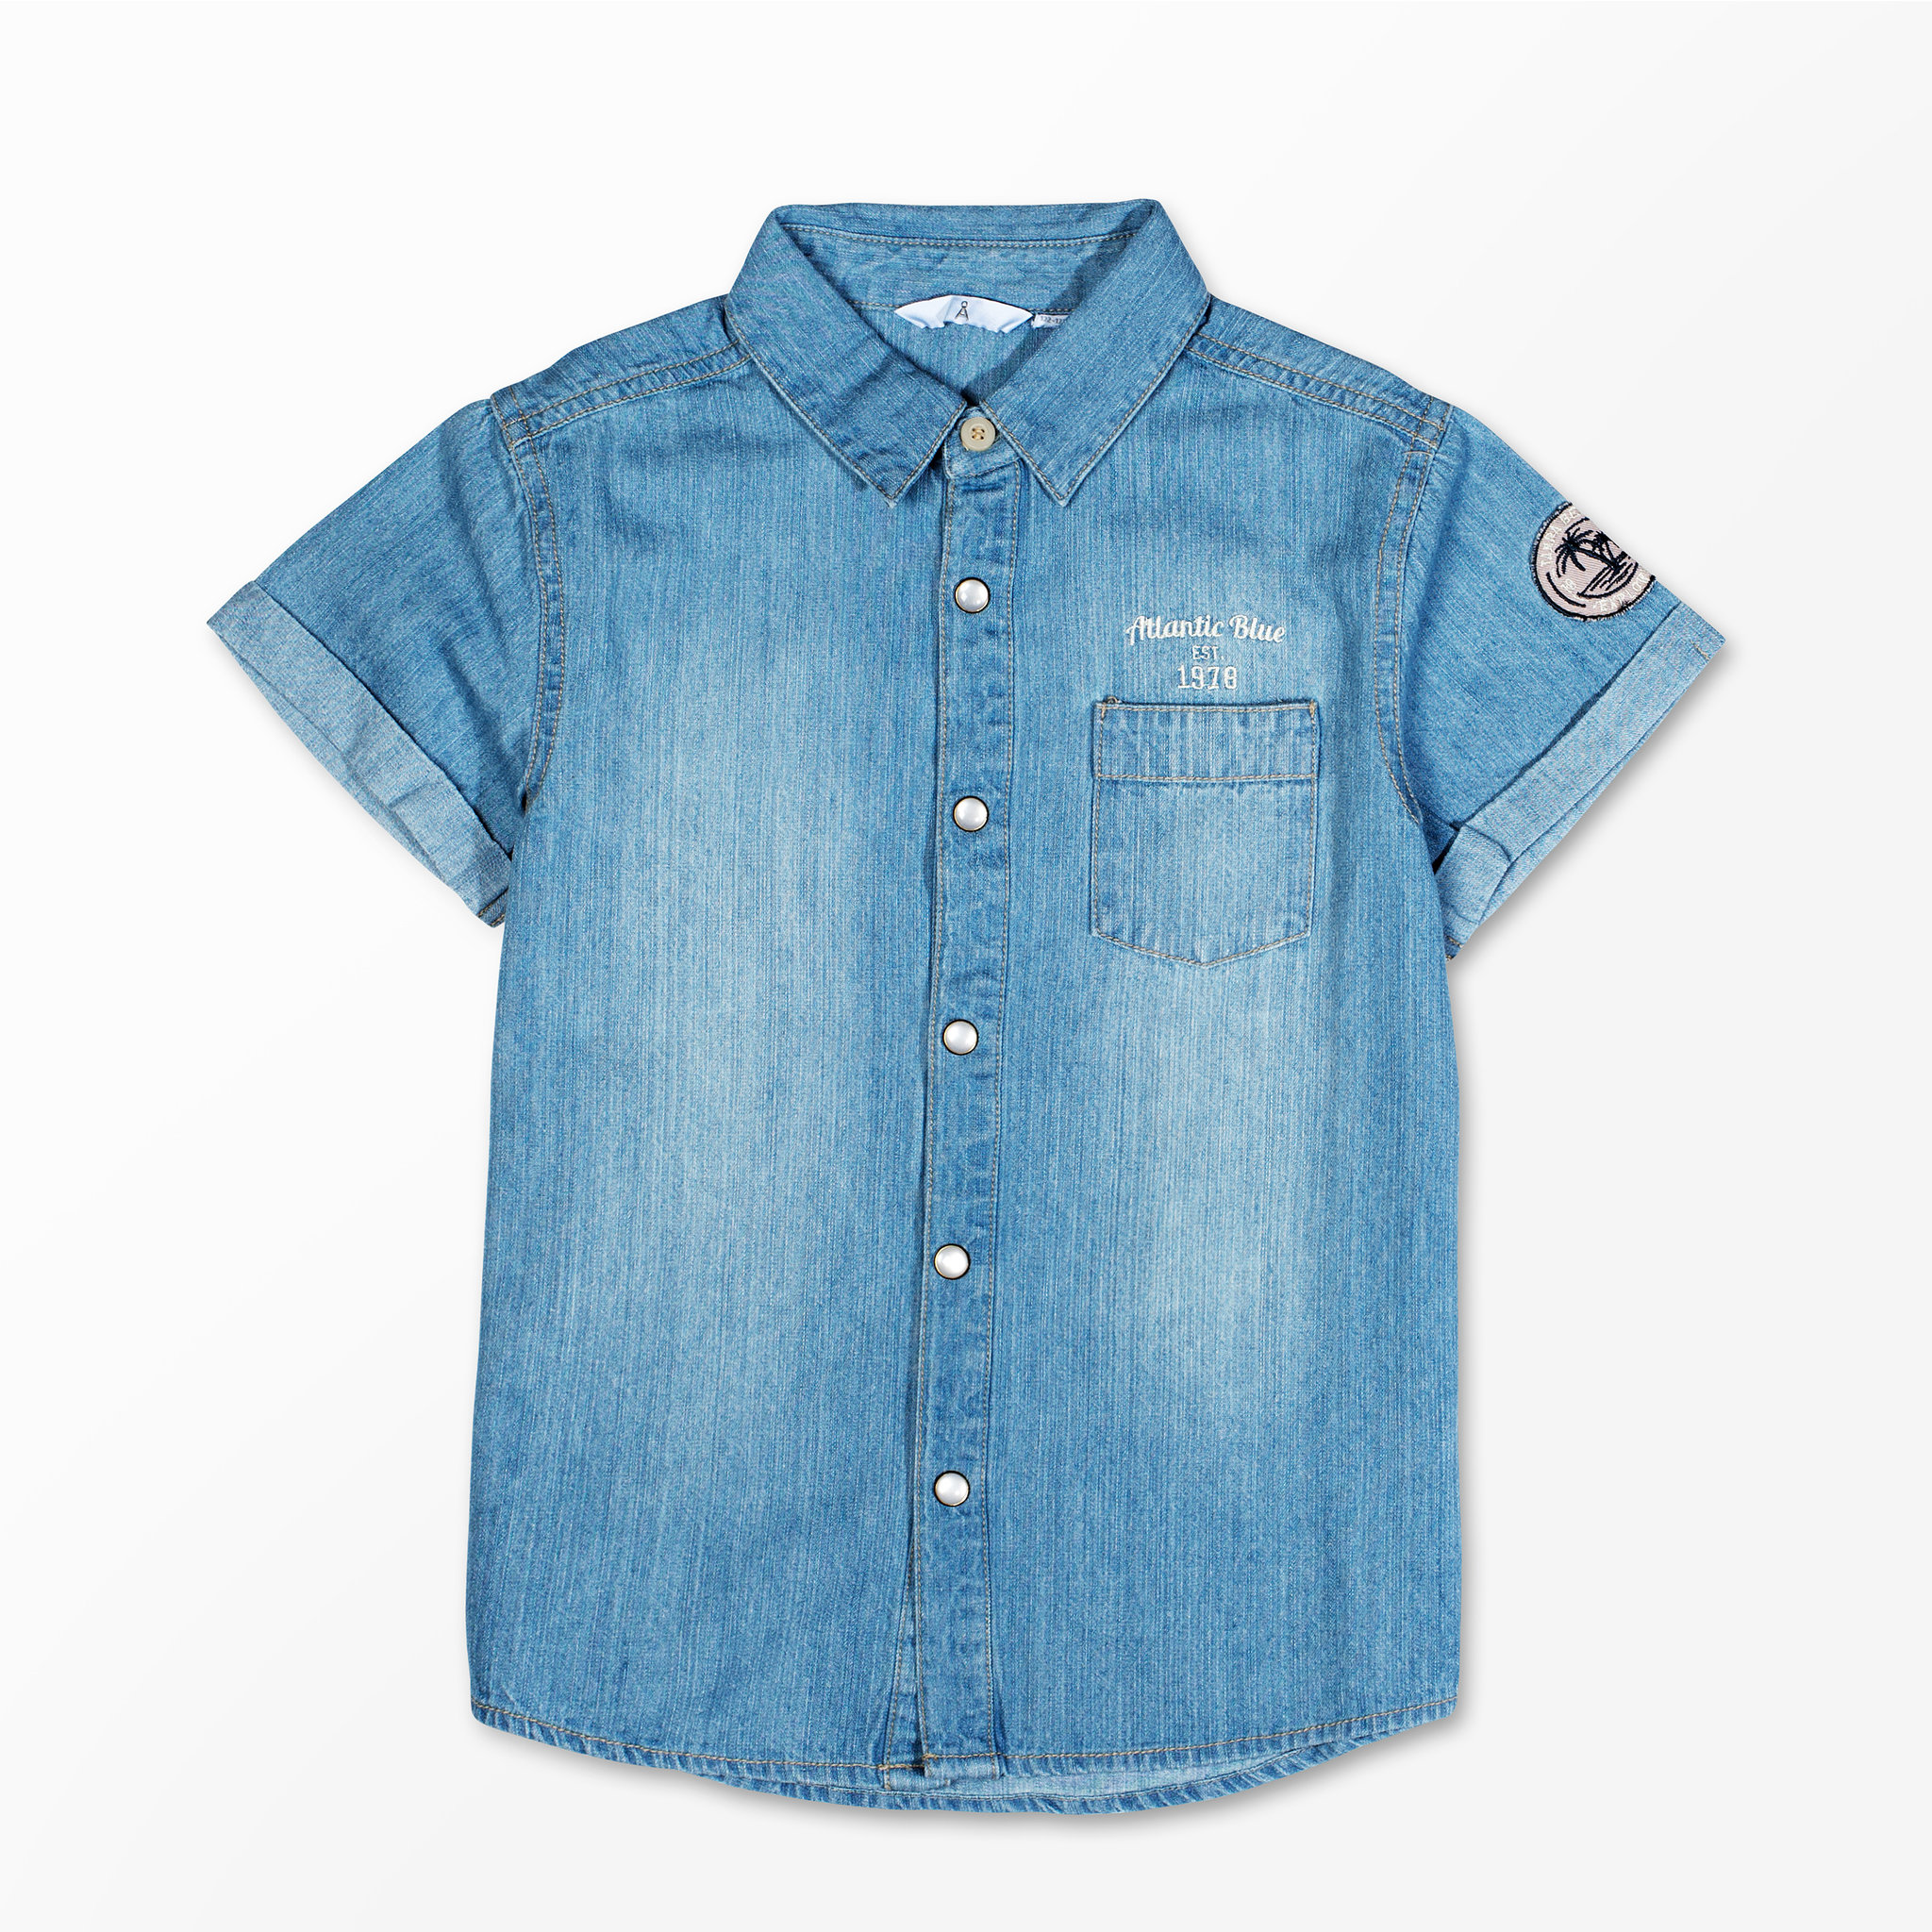 Jeansskjorta med kort ärm - Barnkläder stl. 122-152 - Köp online på  åhlens.se! a4800156657ba